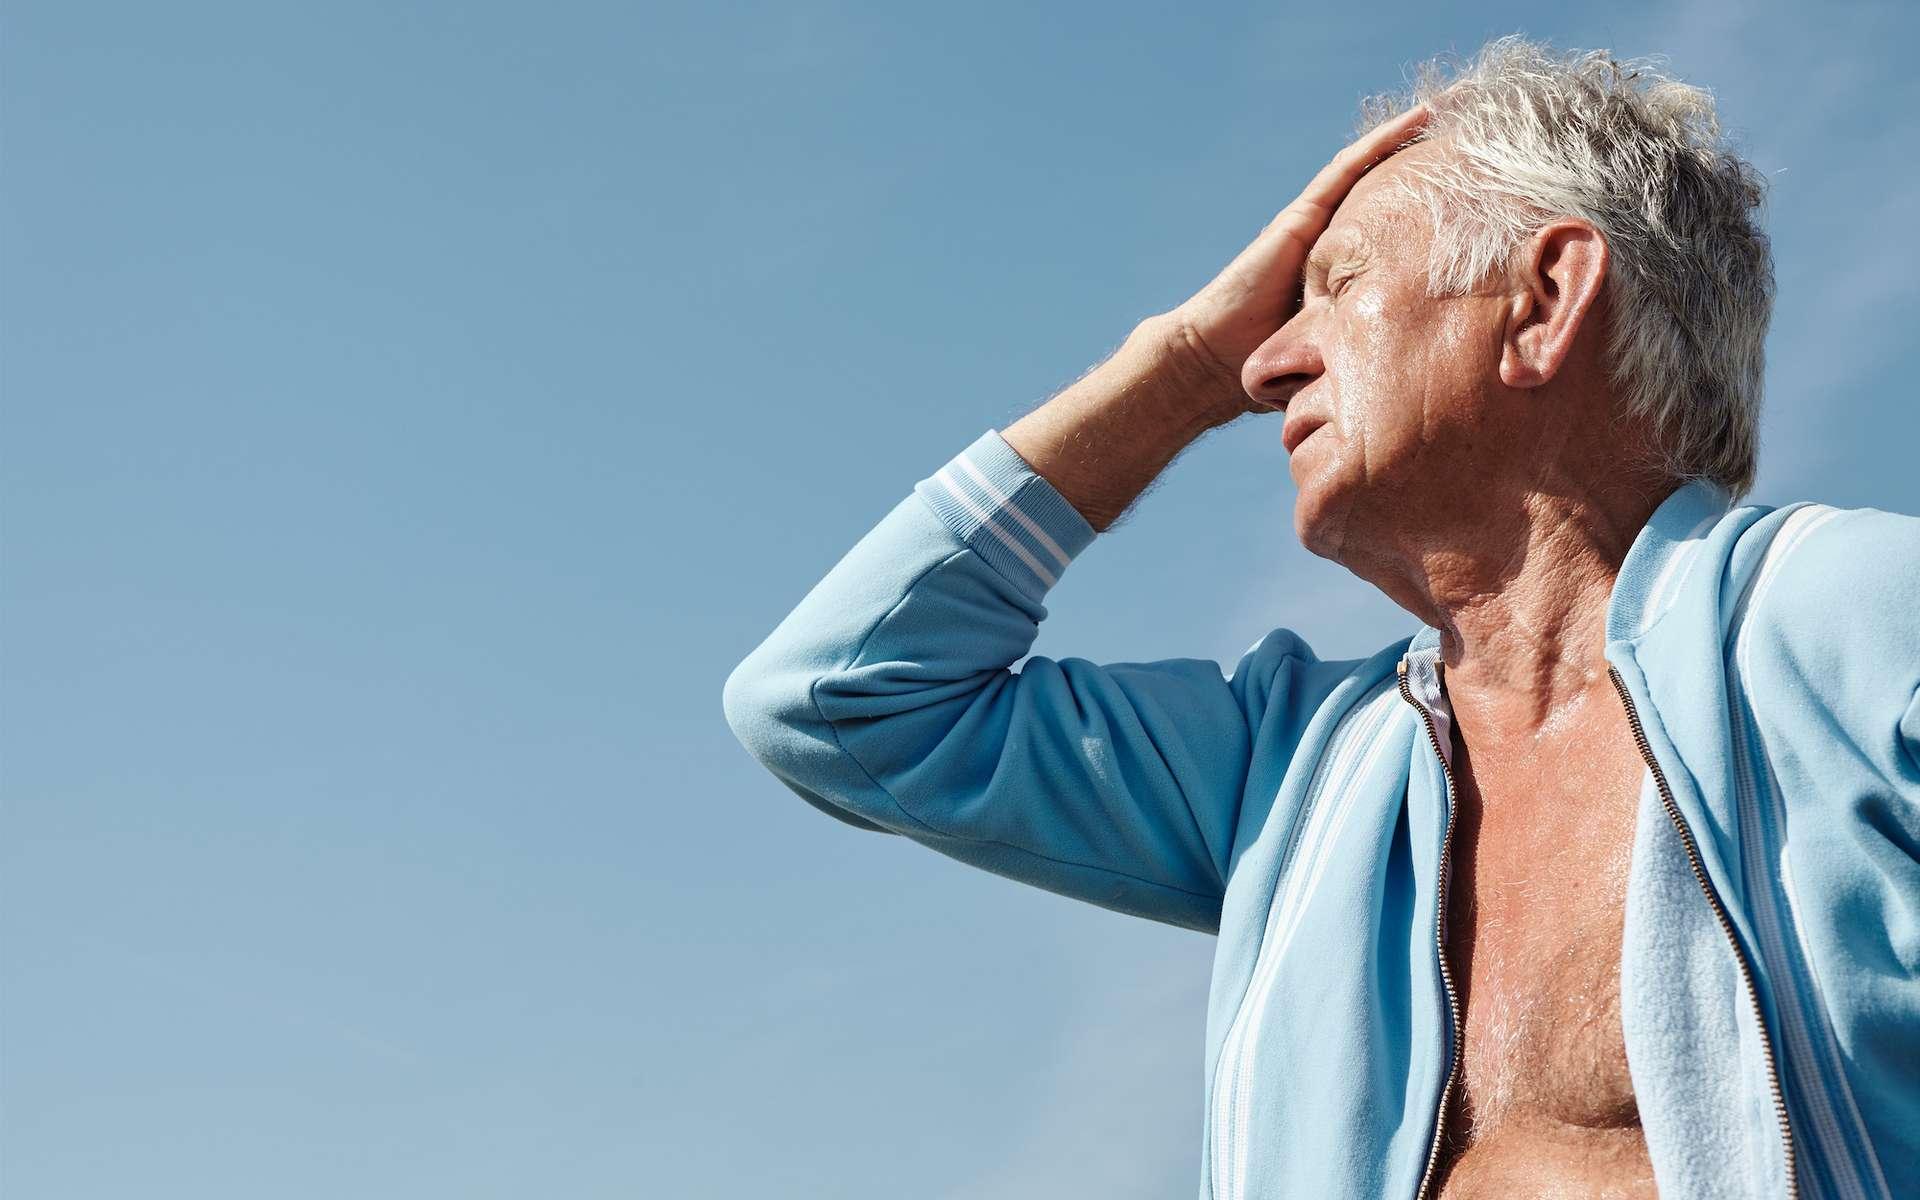 Les personnes âgées sont particulièrement vulnérables à la déshydratation. © Pierre, Adobe Stock